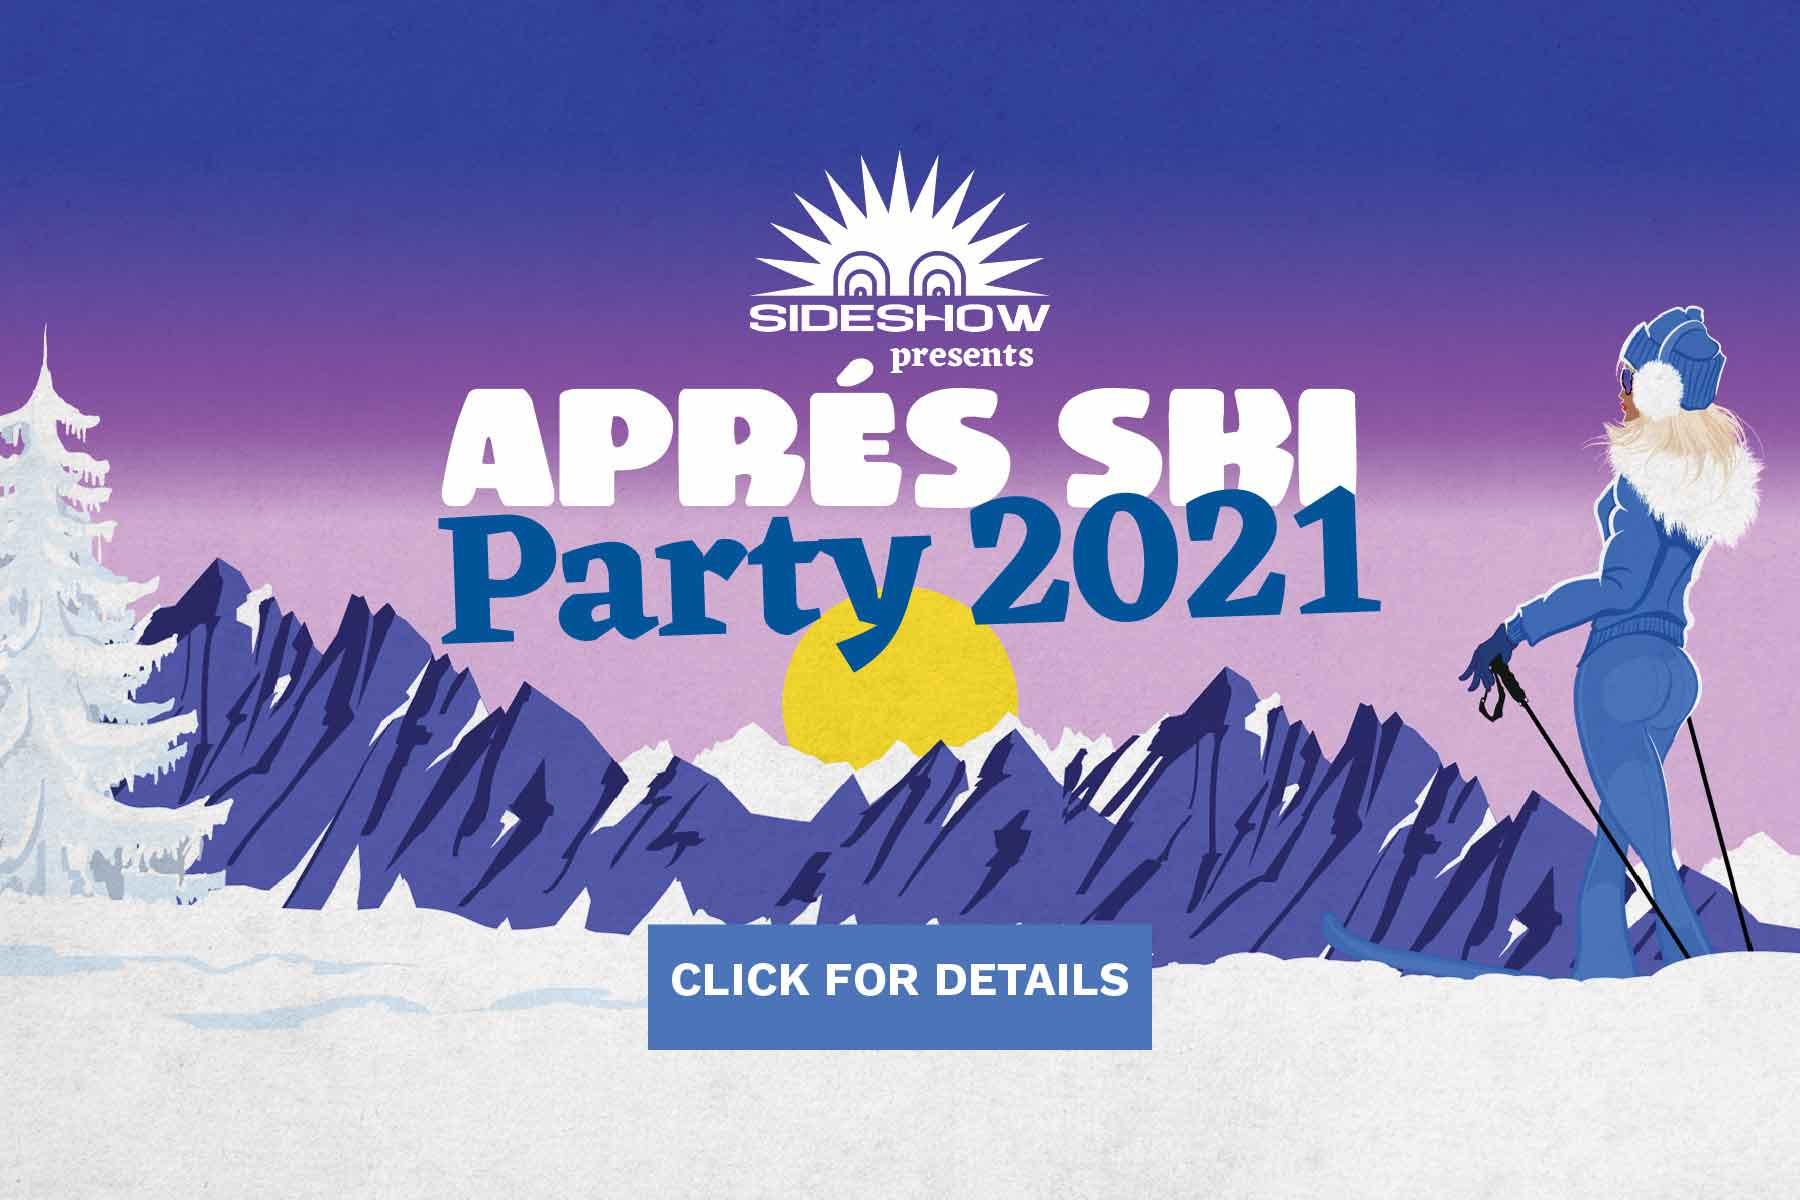 Sideshow Perth - Apres Ski Party 2021